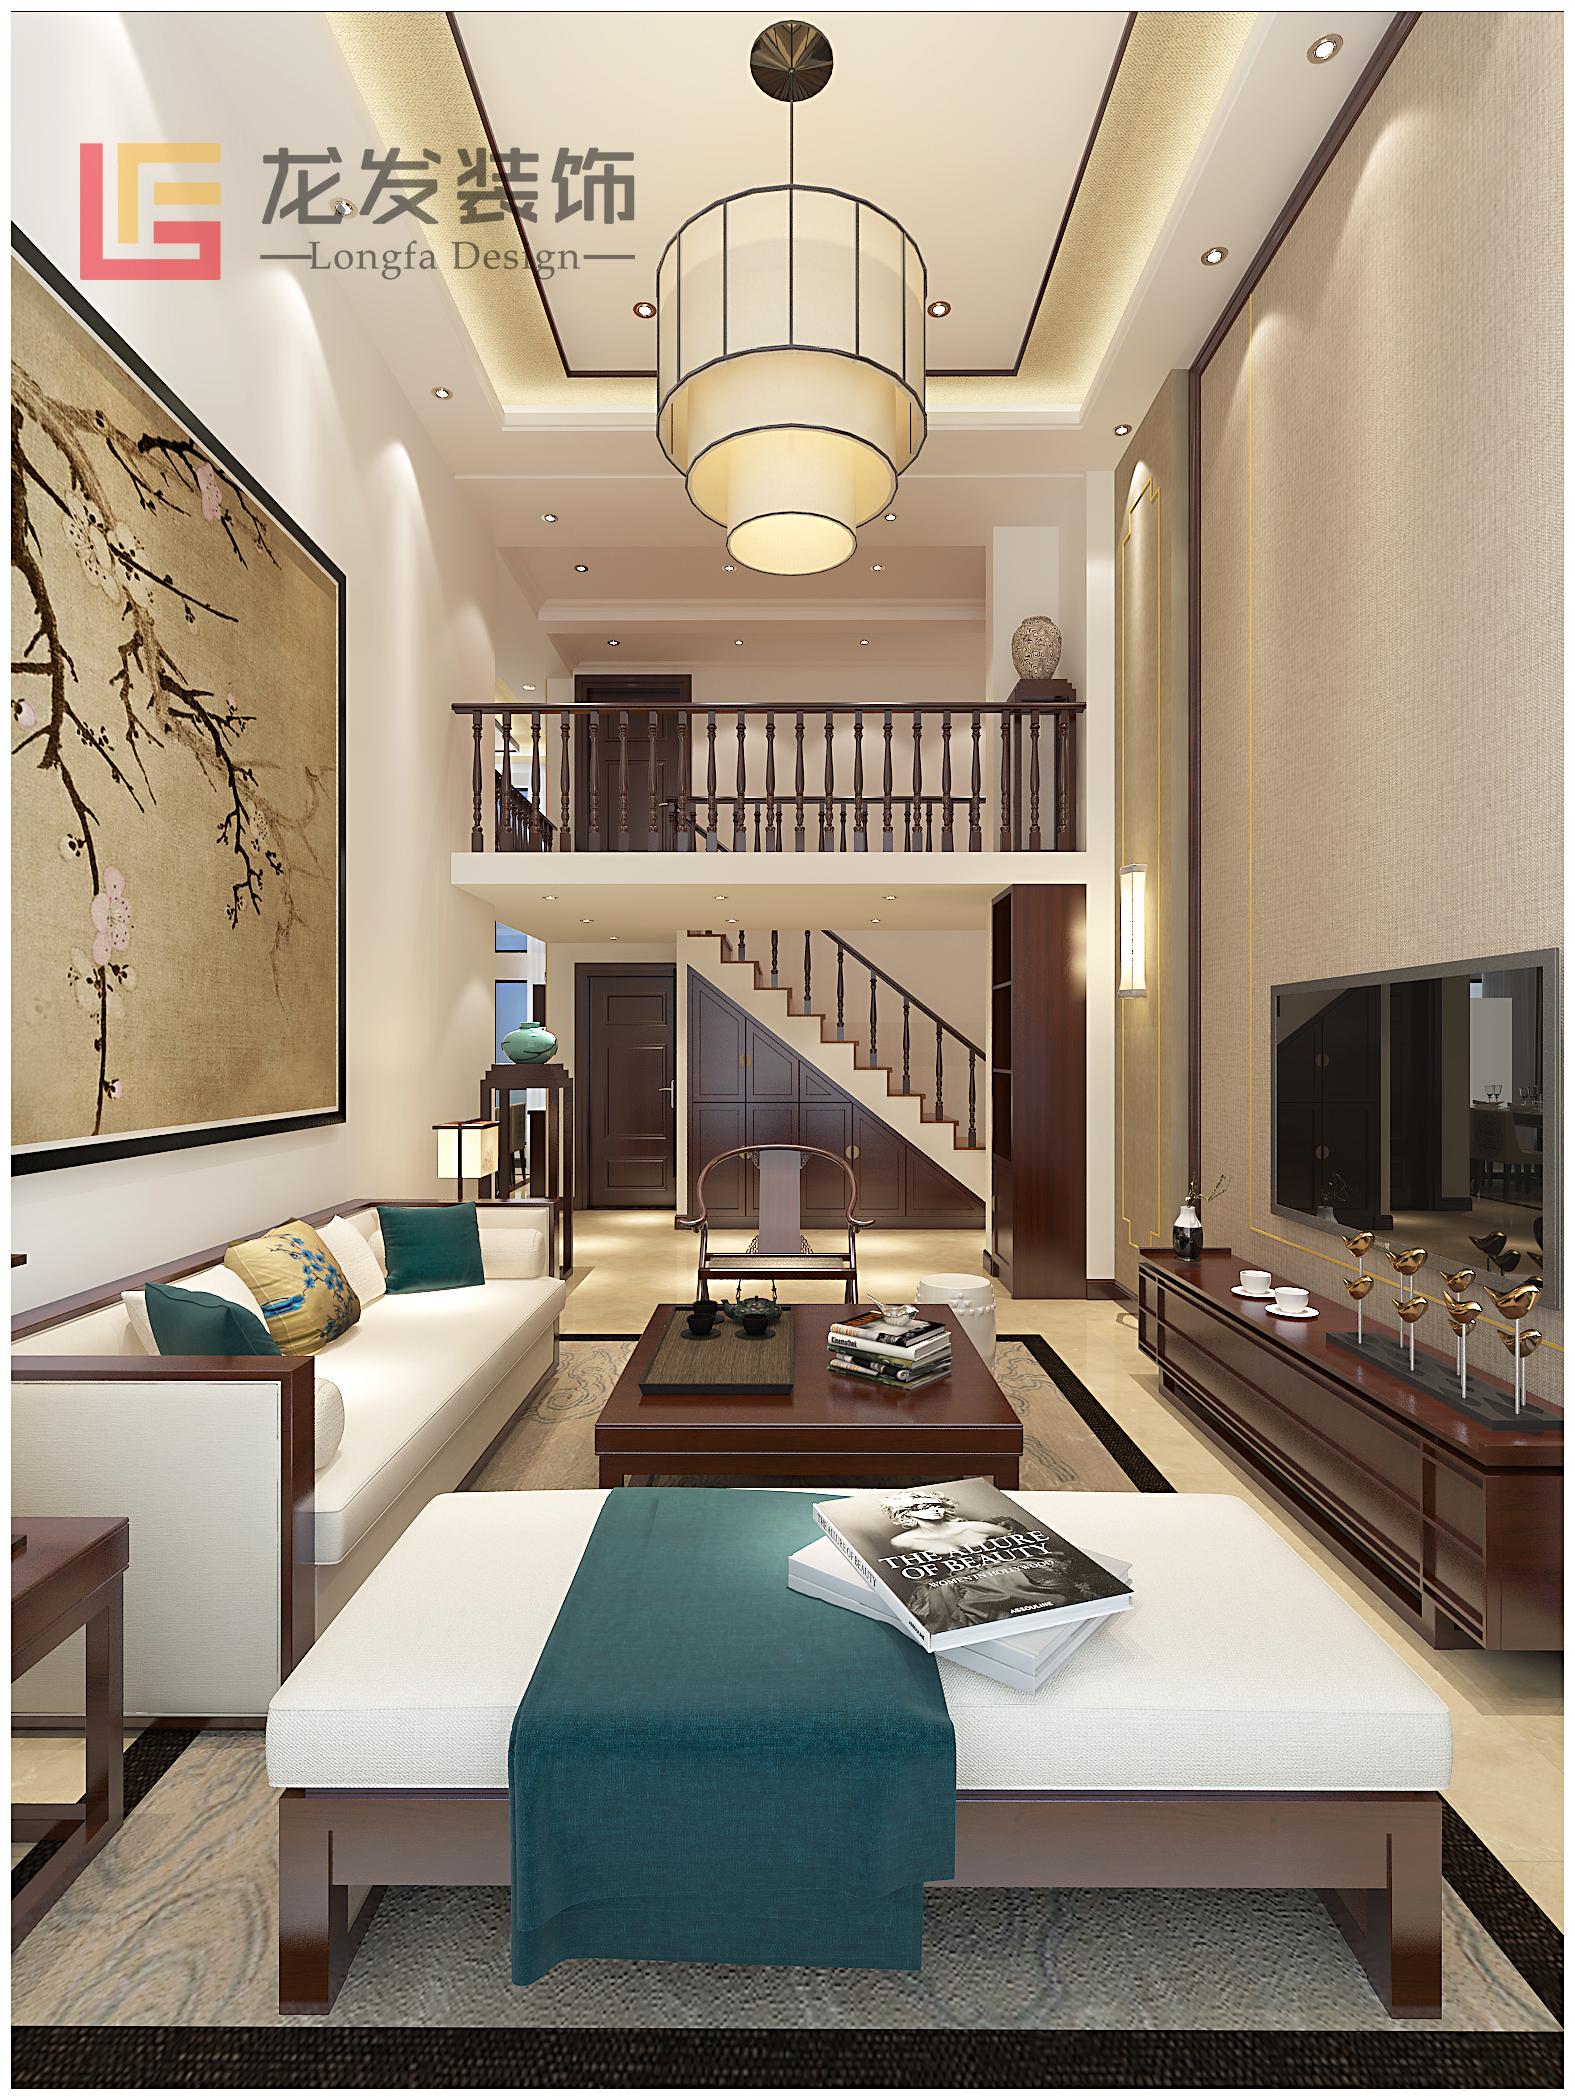 天都首郡 loft 新中式风格图片